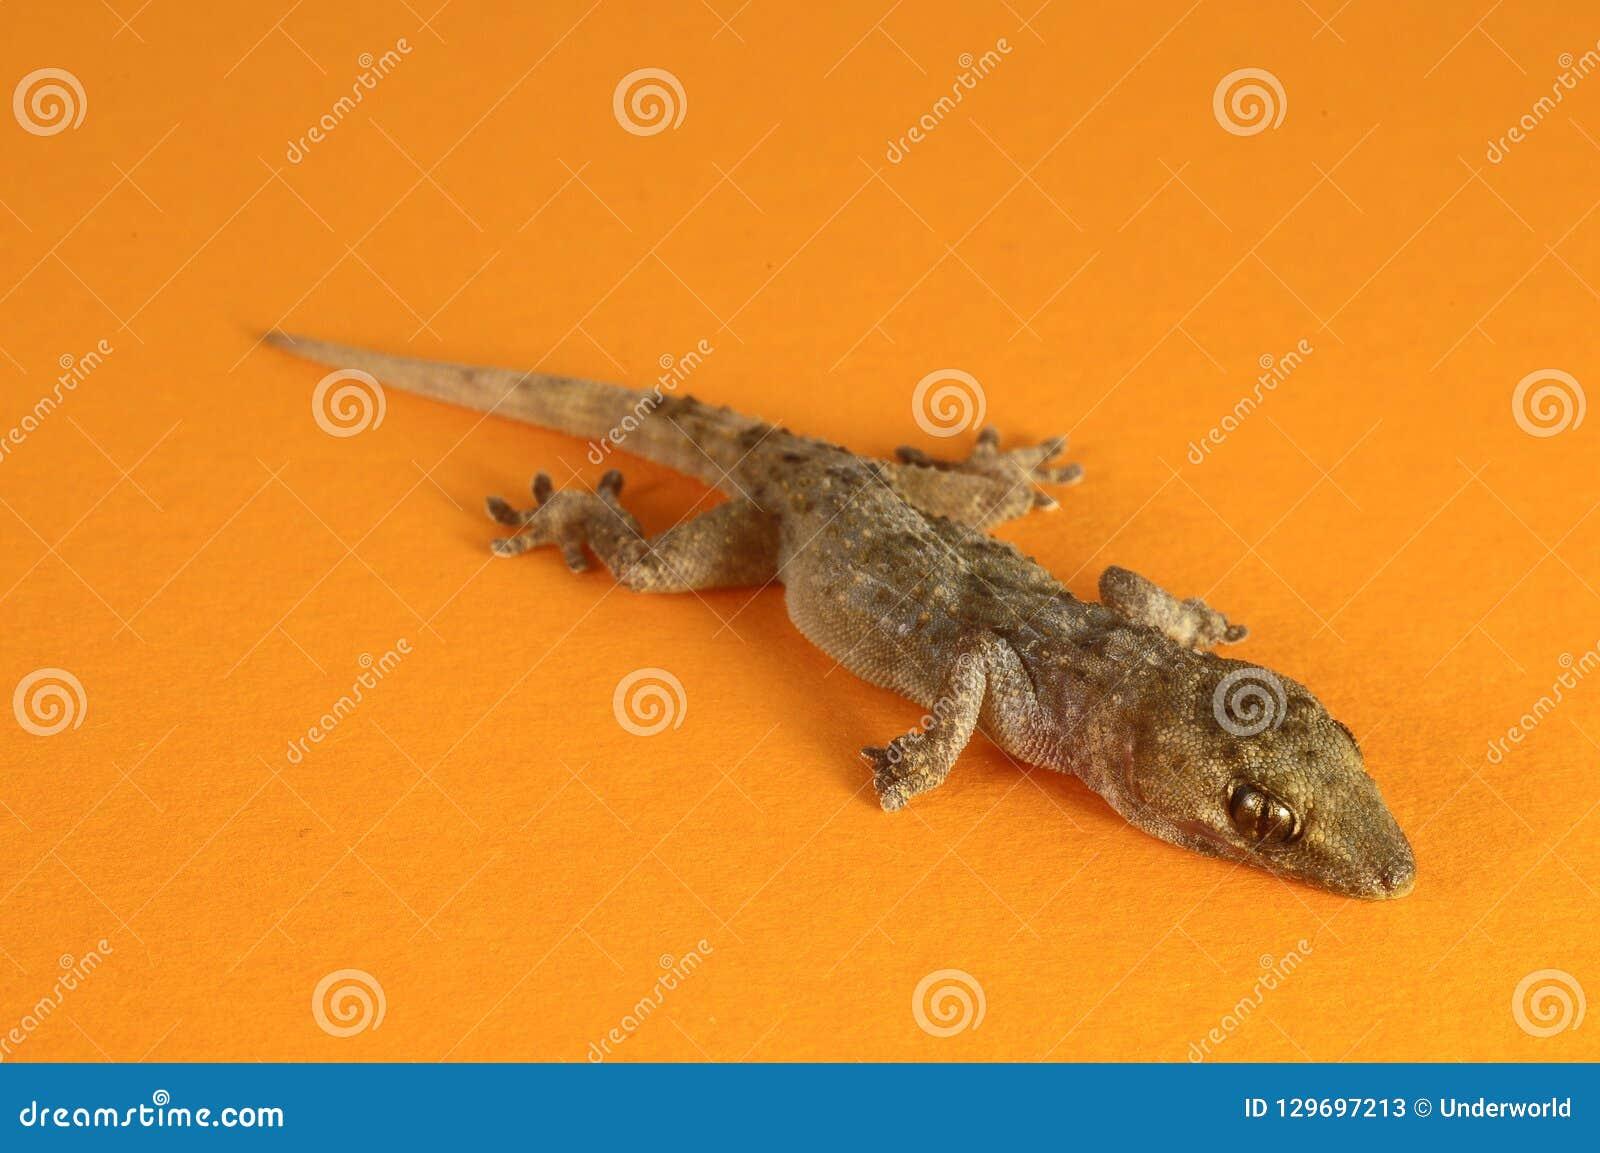 Gray Gecko Lizard